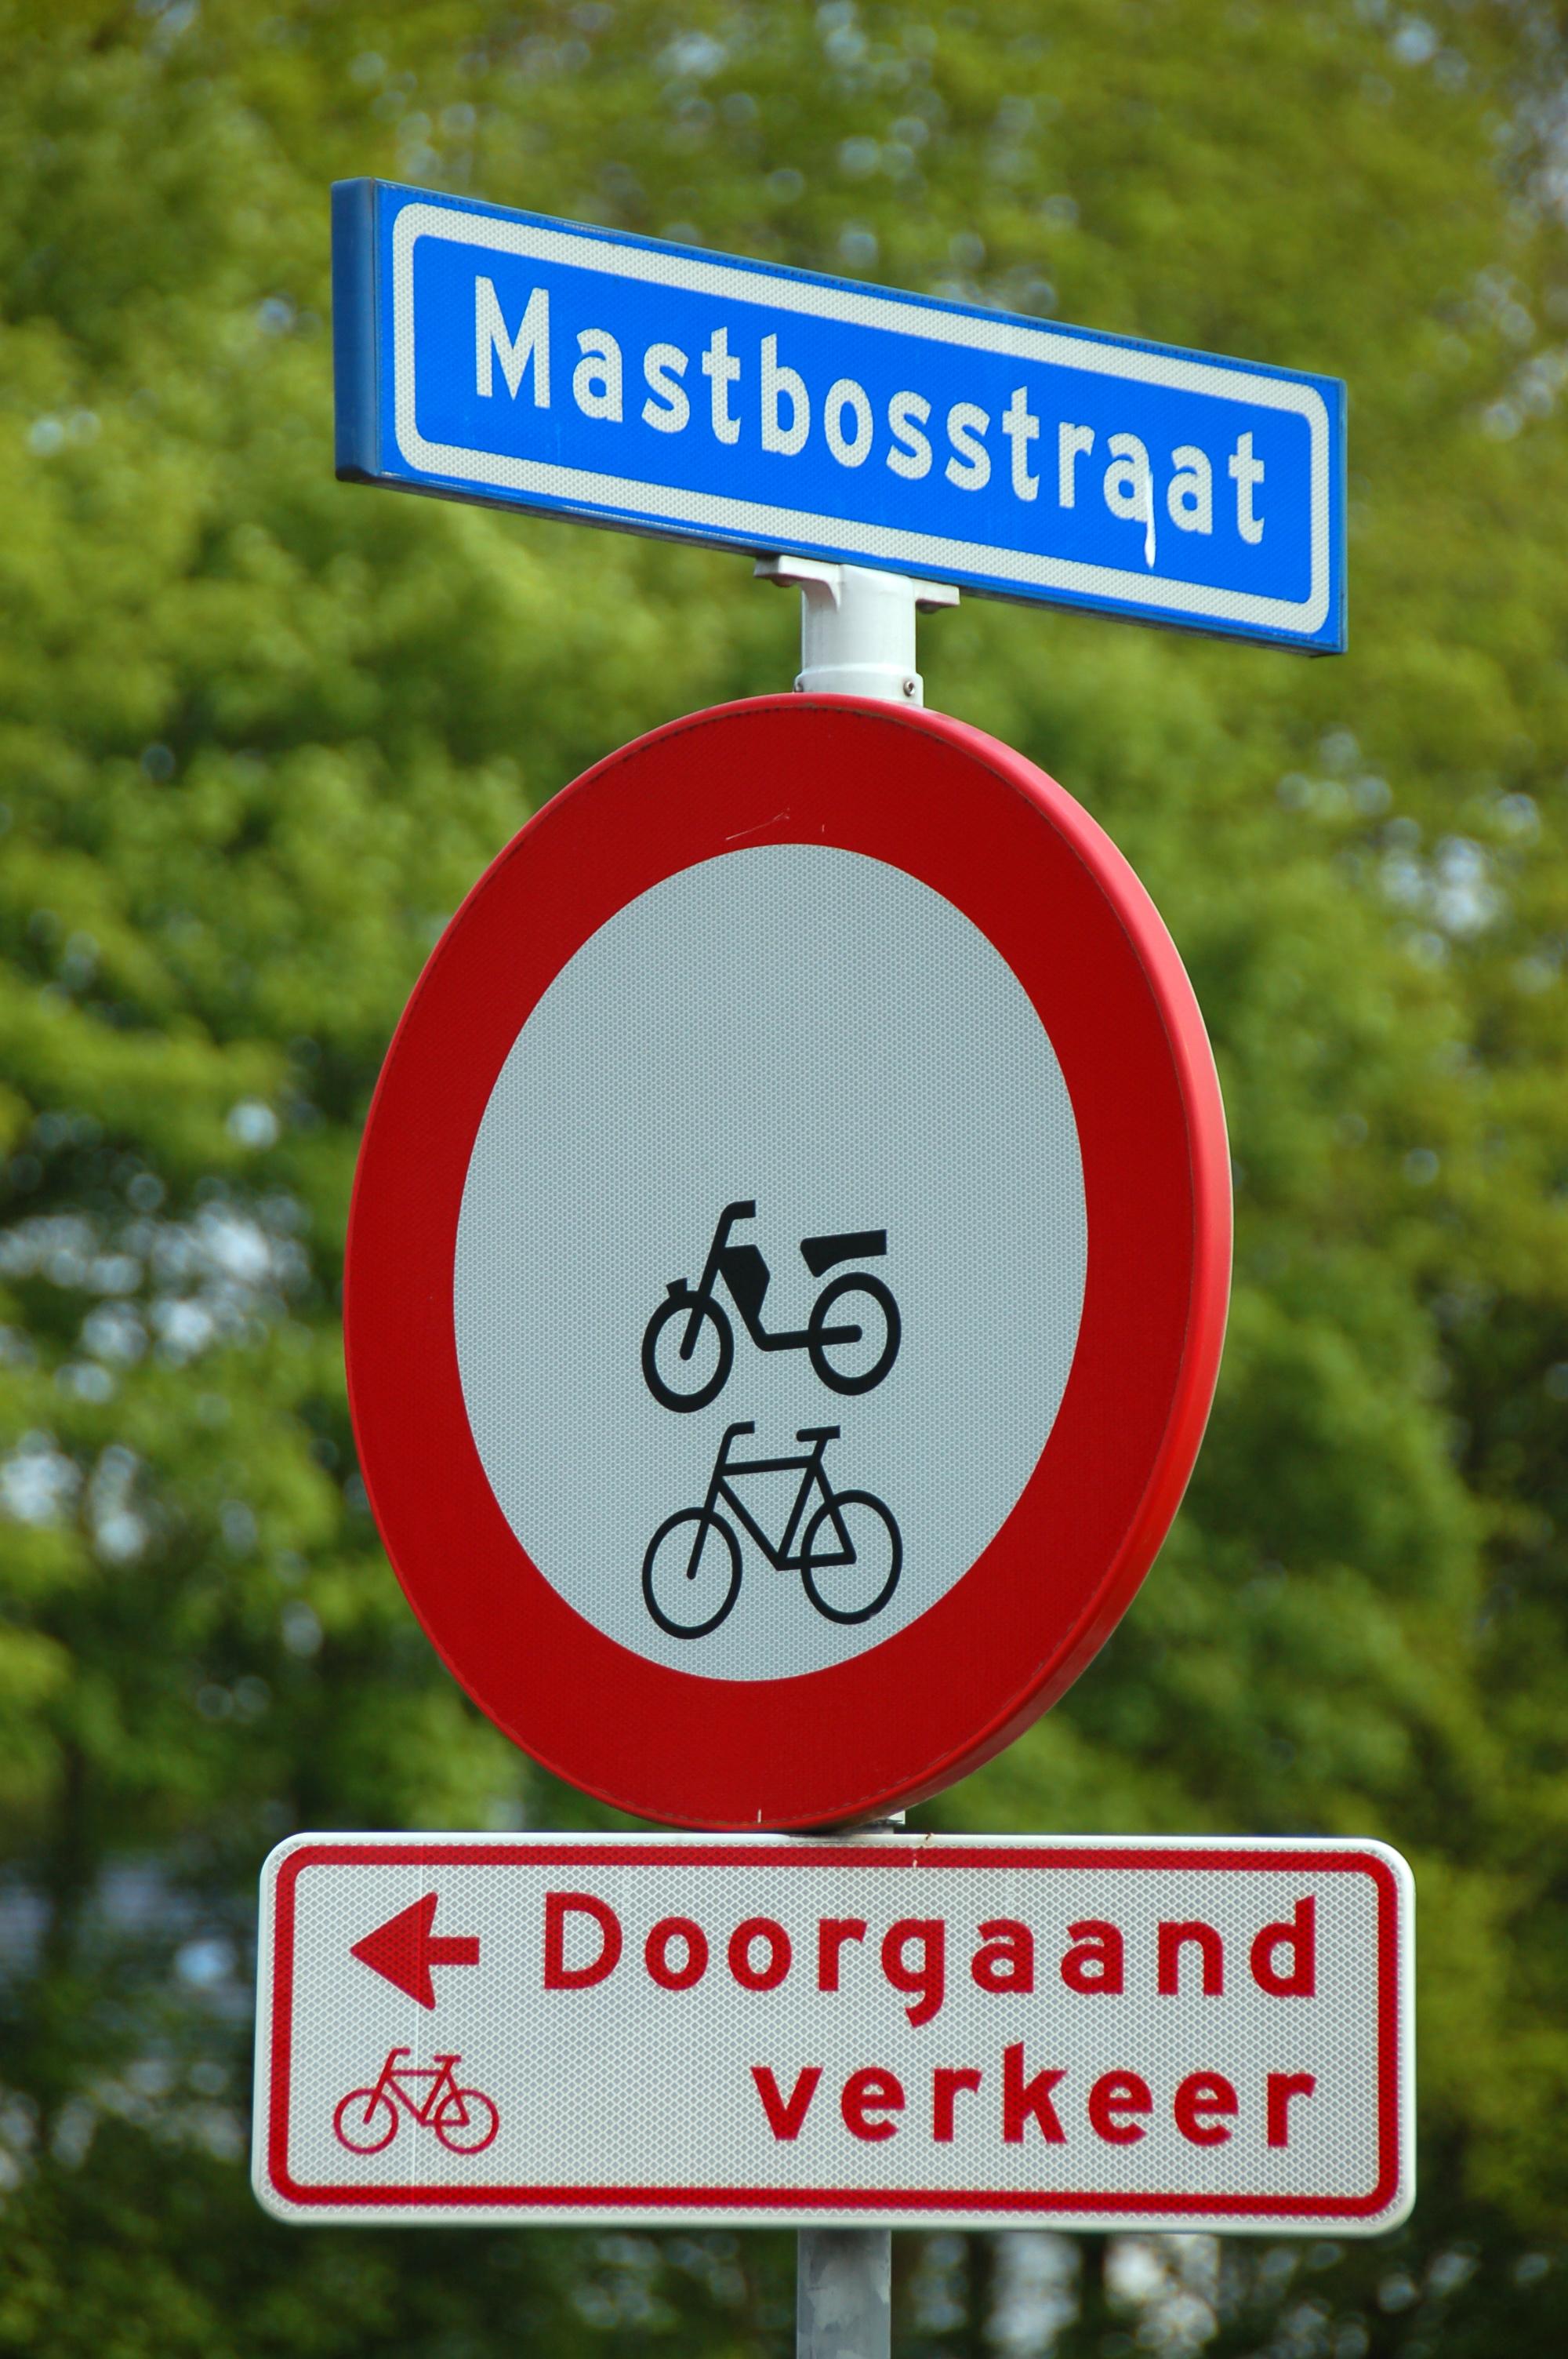 Datei:2010-05-breda-fahrradschilder-by-RalfR-13.jpg